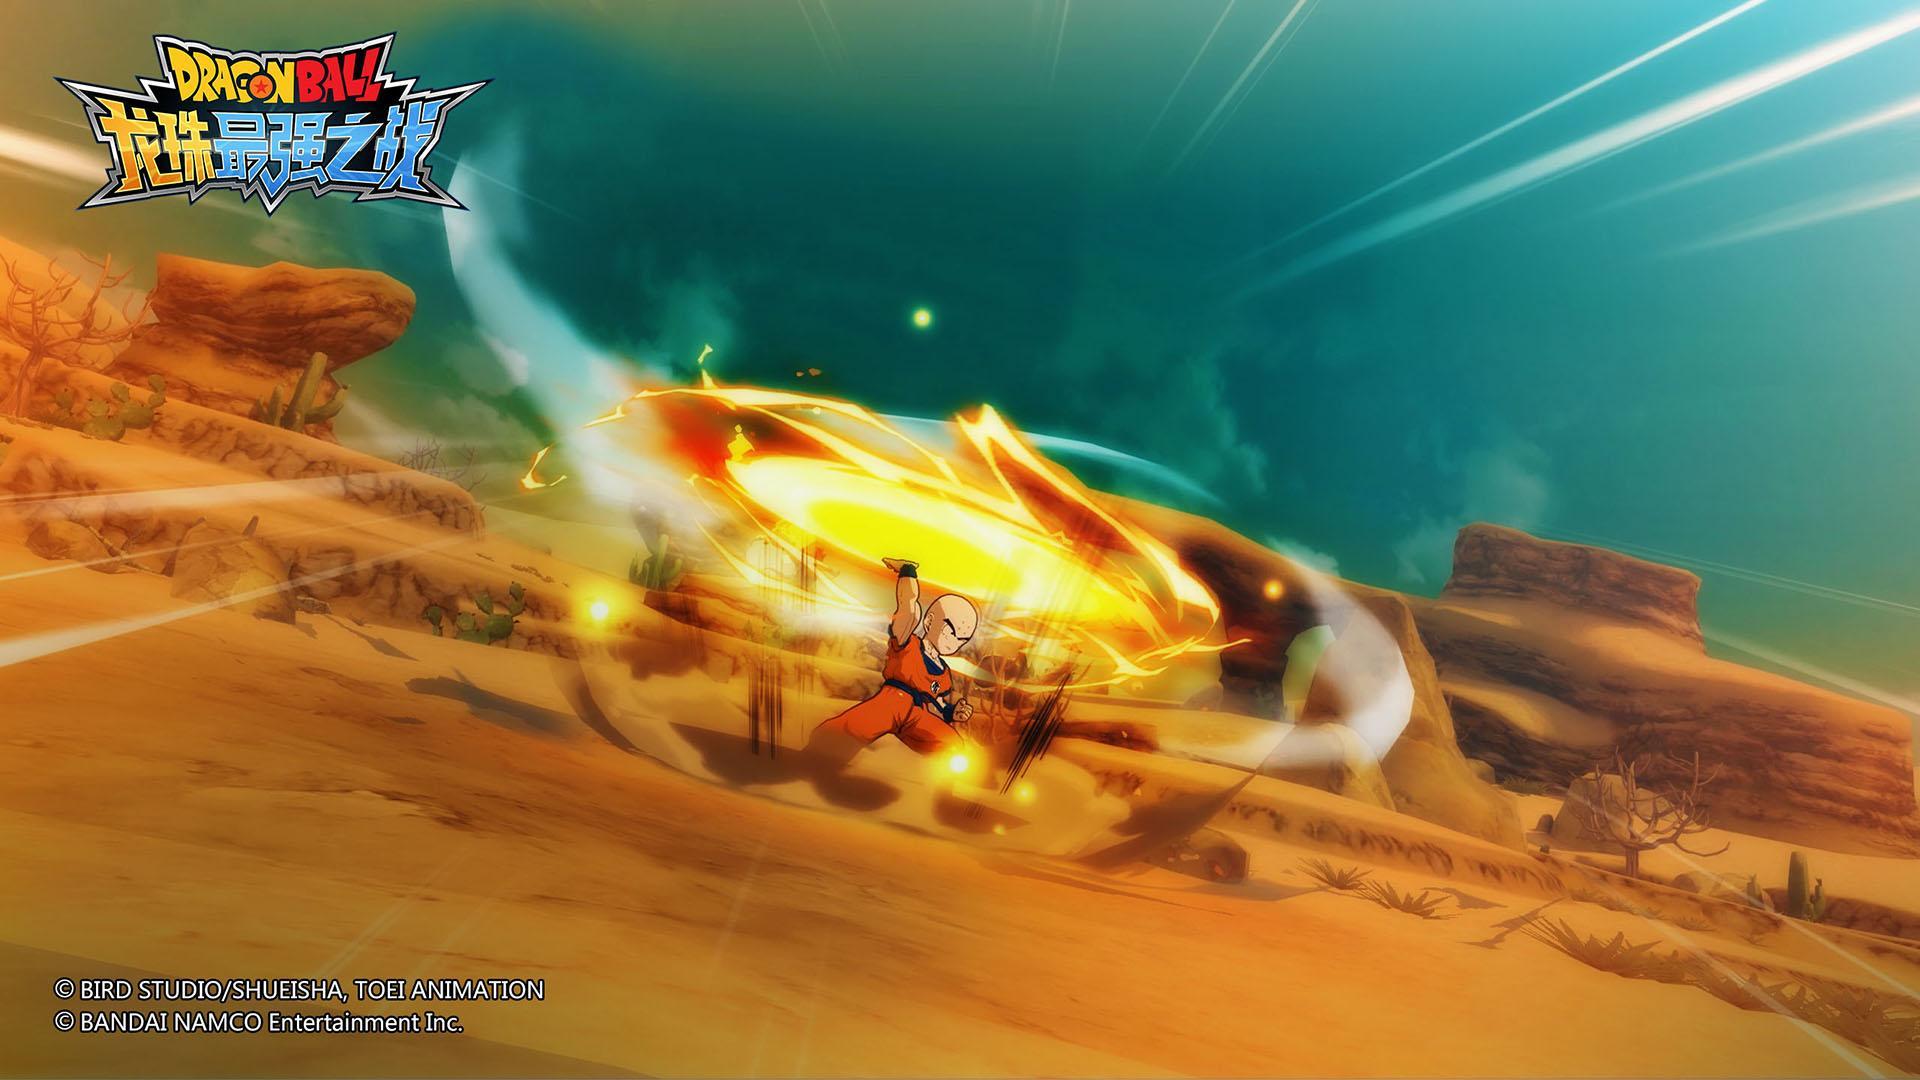 官方正式授權之作 3D超還原MMORPG手遊《龍珠最強之戰》獨家公開 - 香港手機遊戲網 GameApps.hk